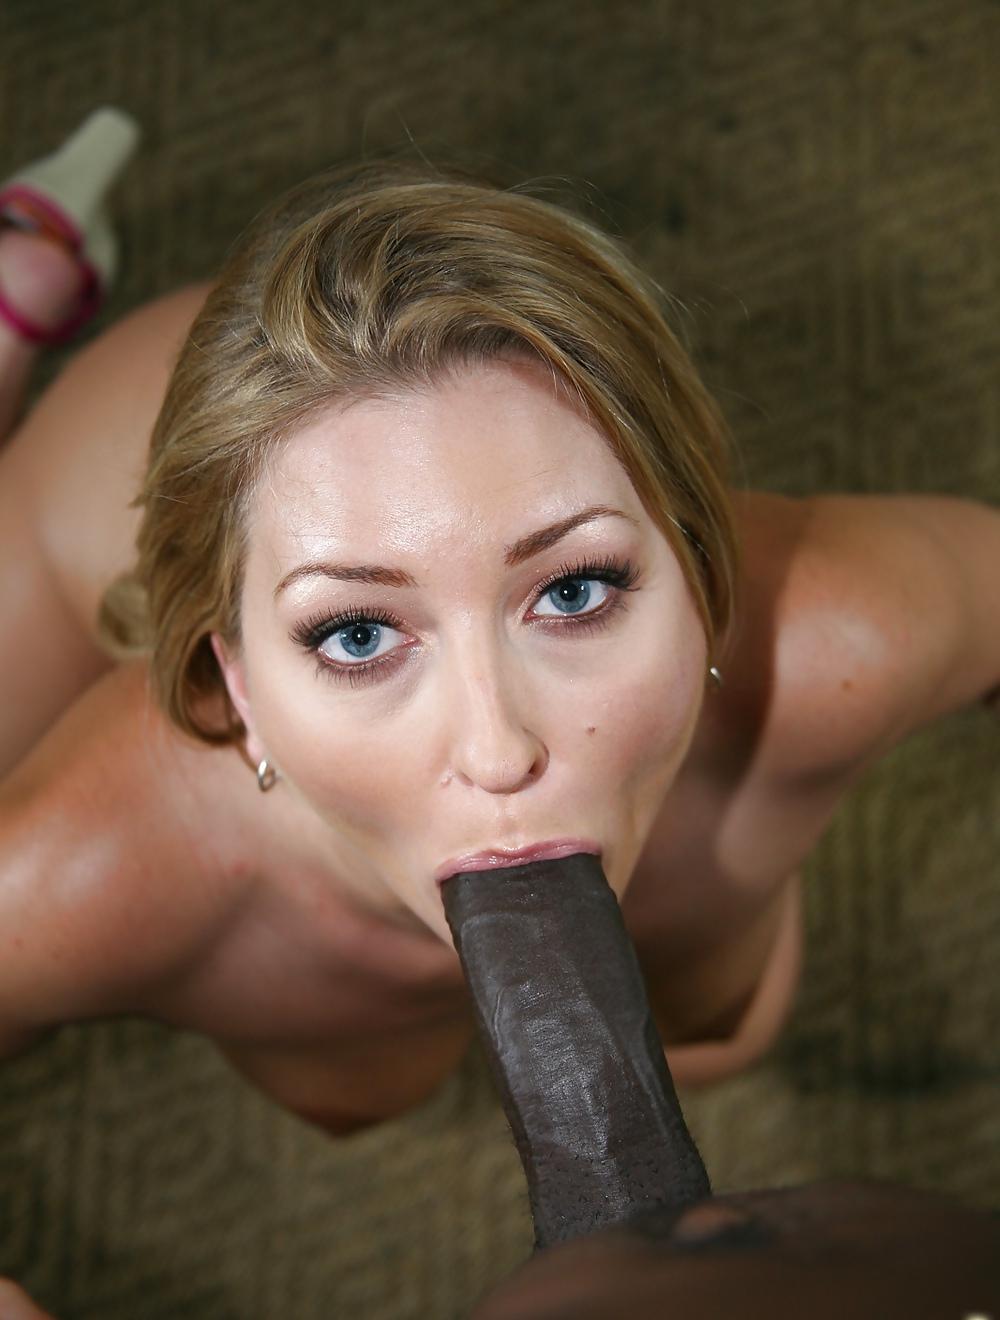 Dissolute blonde beauty avy scott deep throats bbc of nat turnher